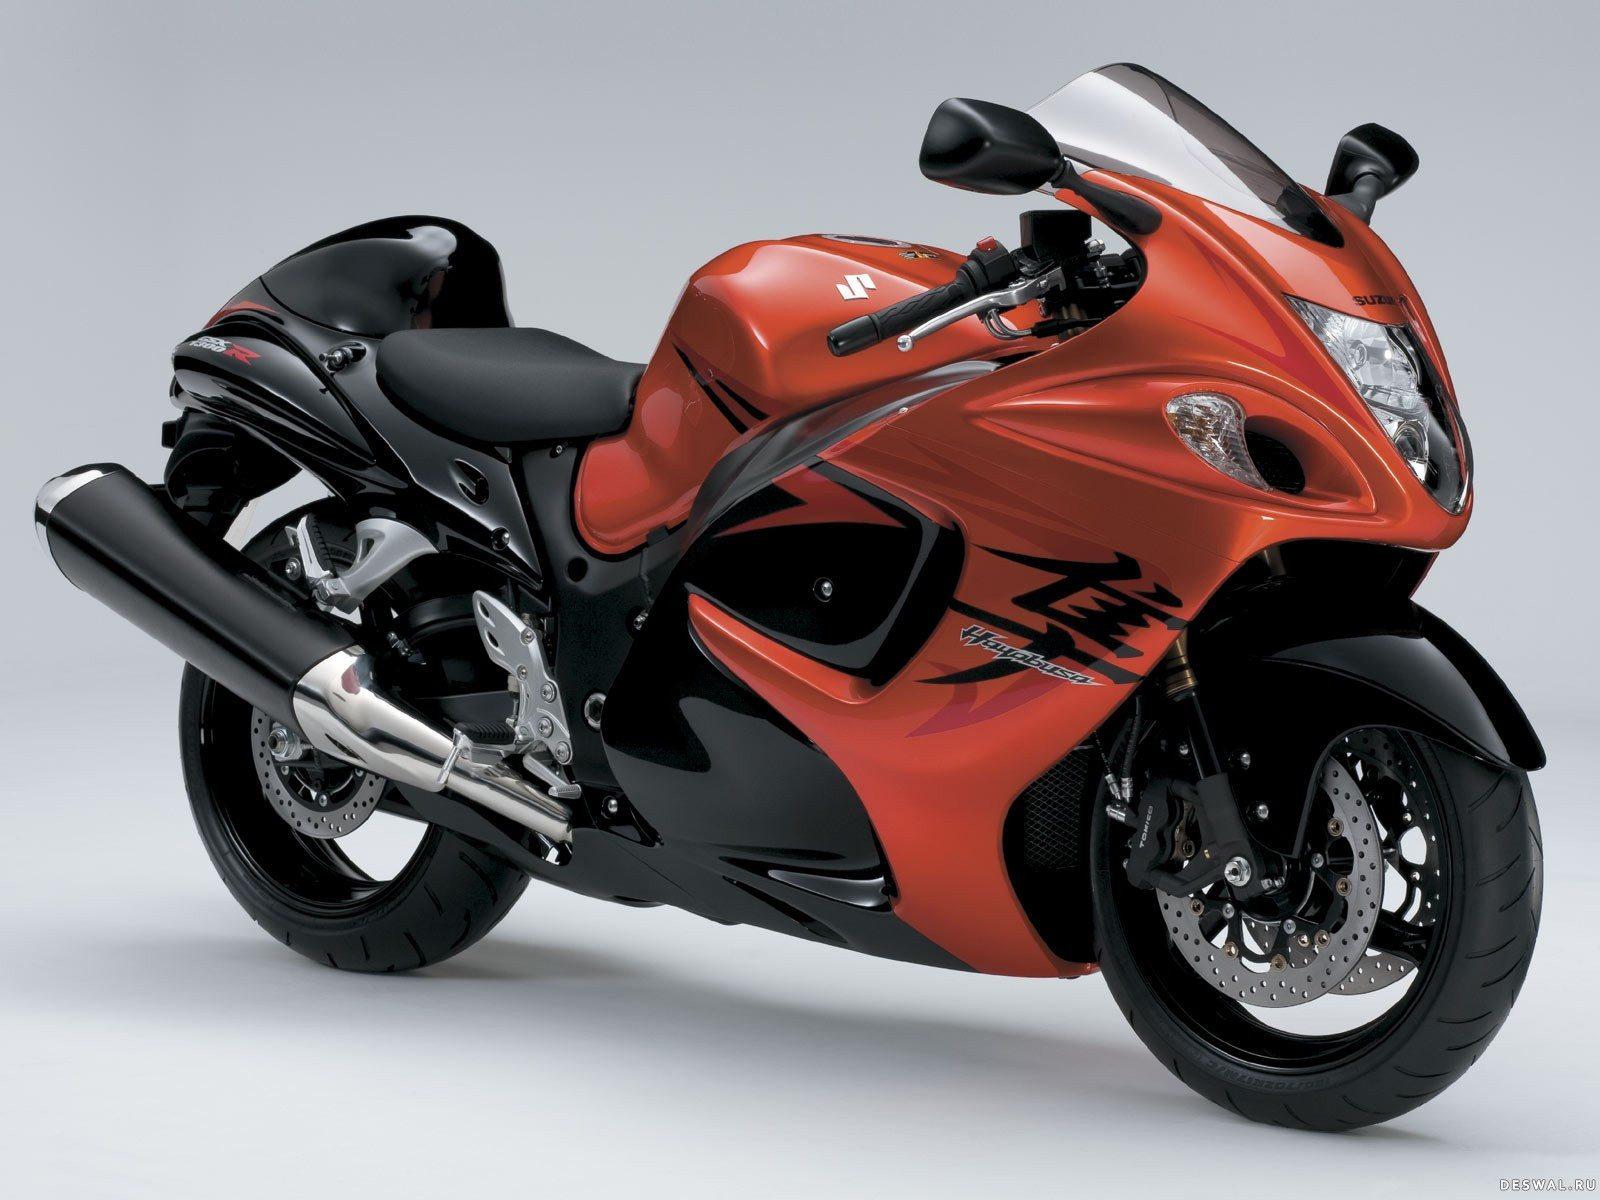 память картинки с мотоциклами скоростными название